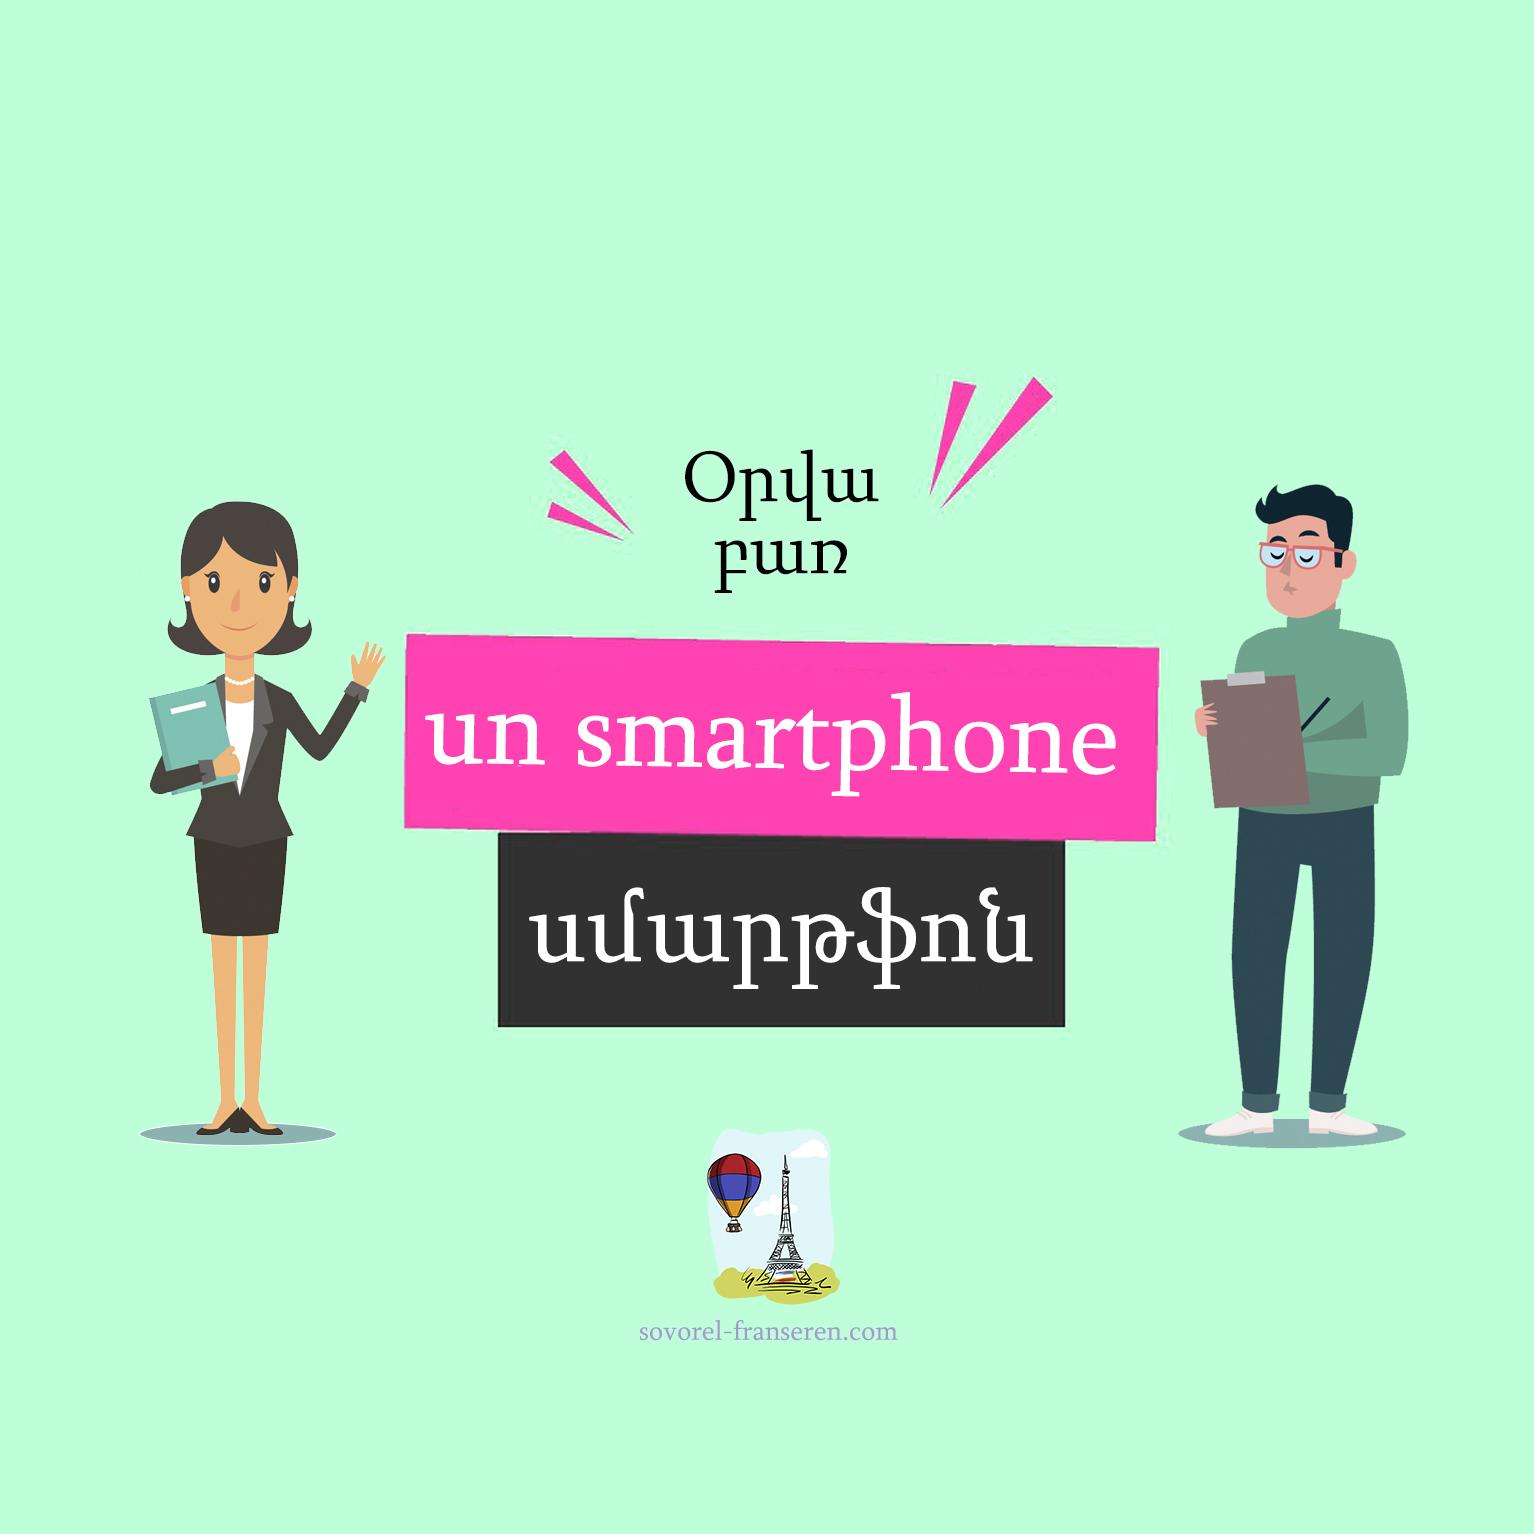 Un smartphone — Սմարթֆոն